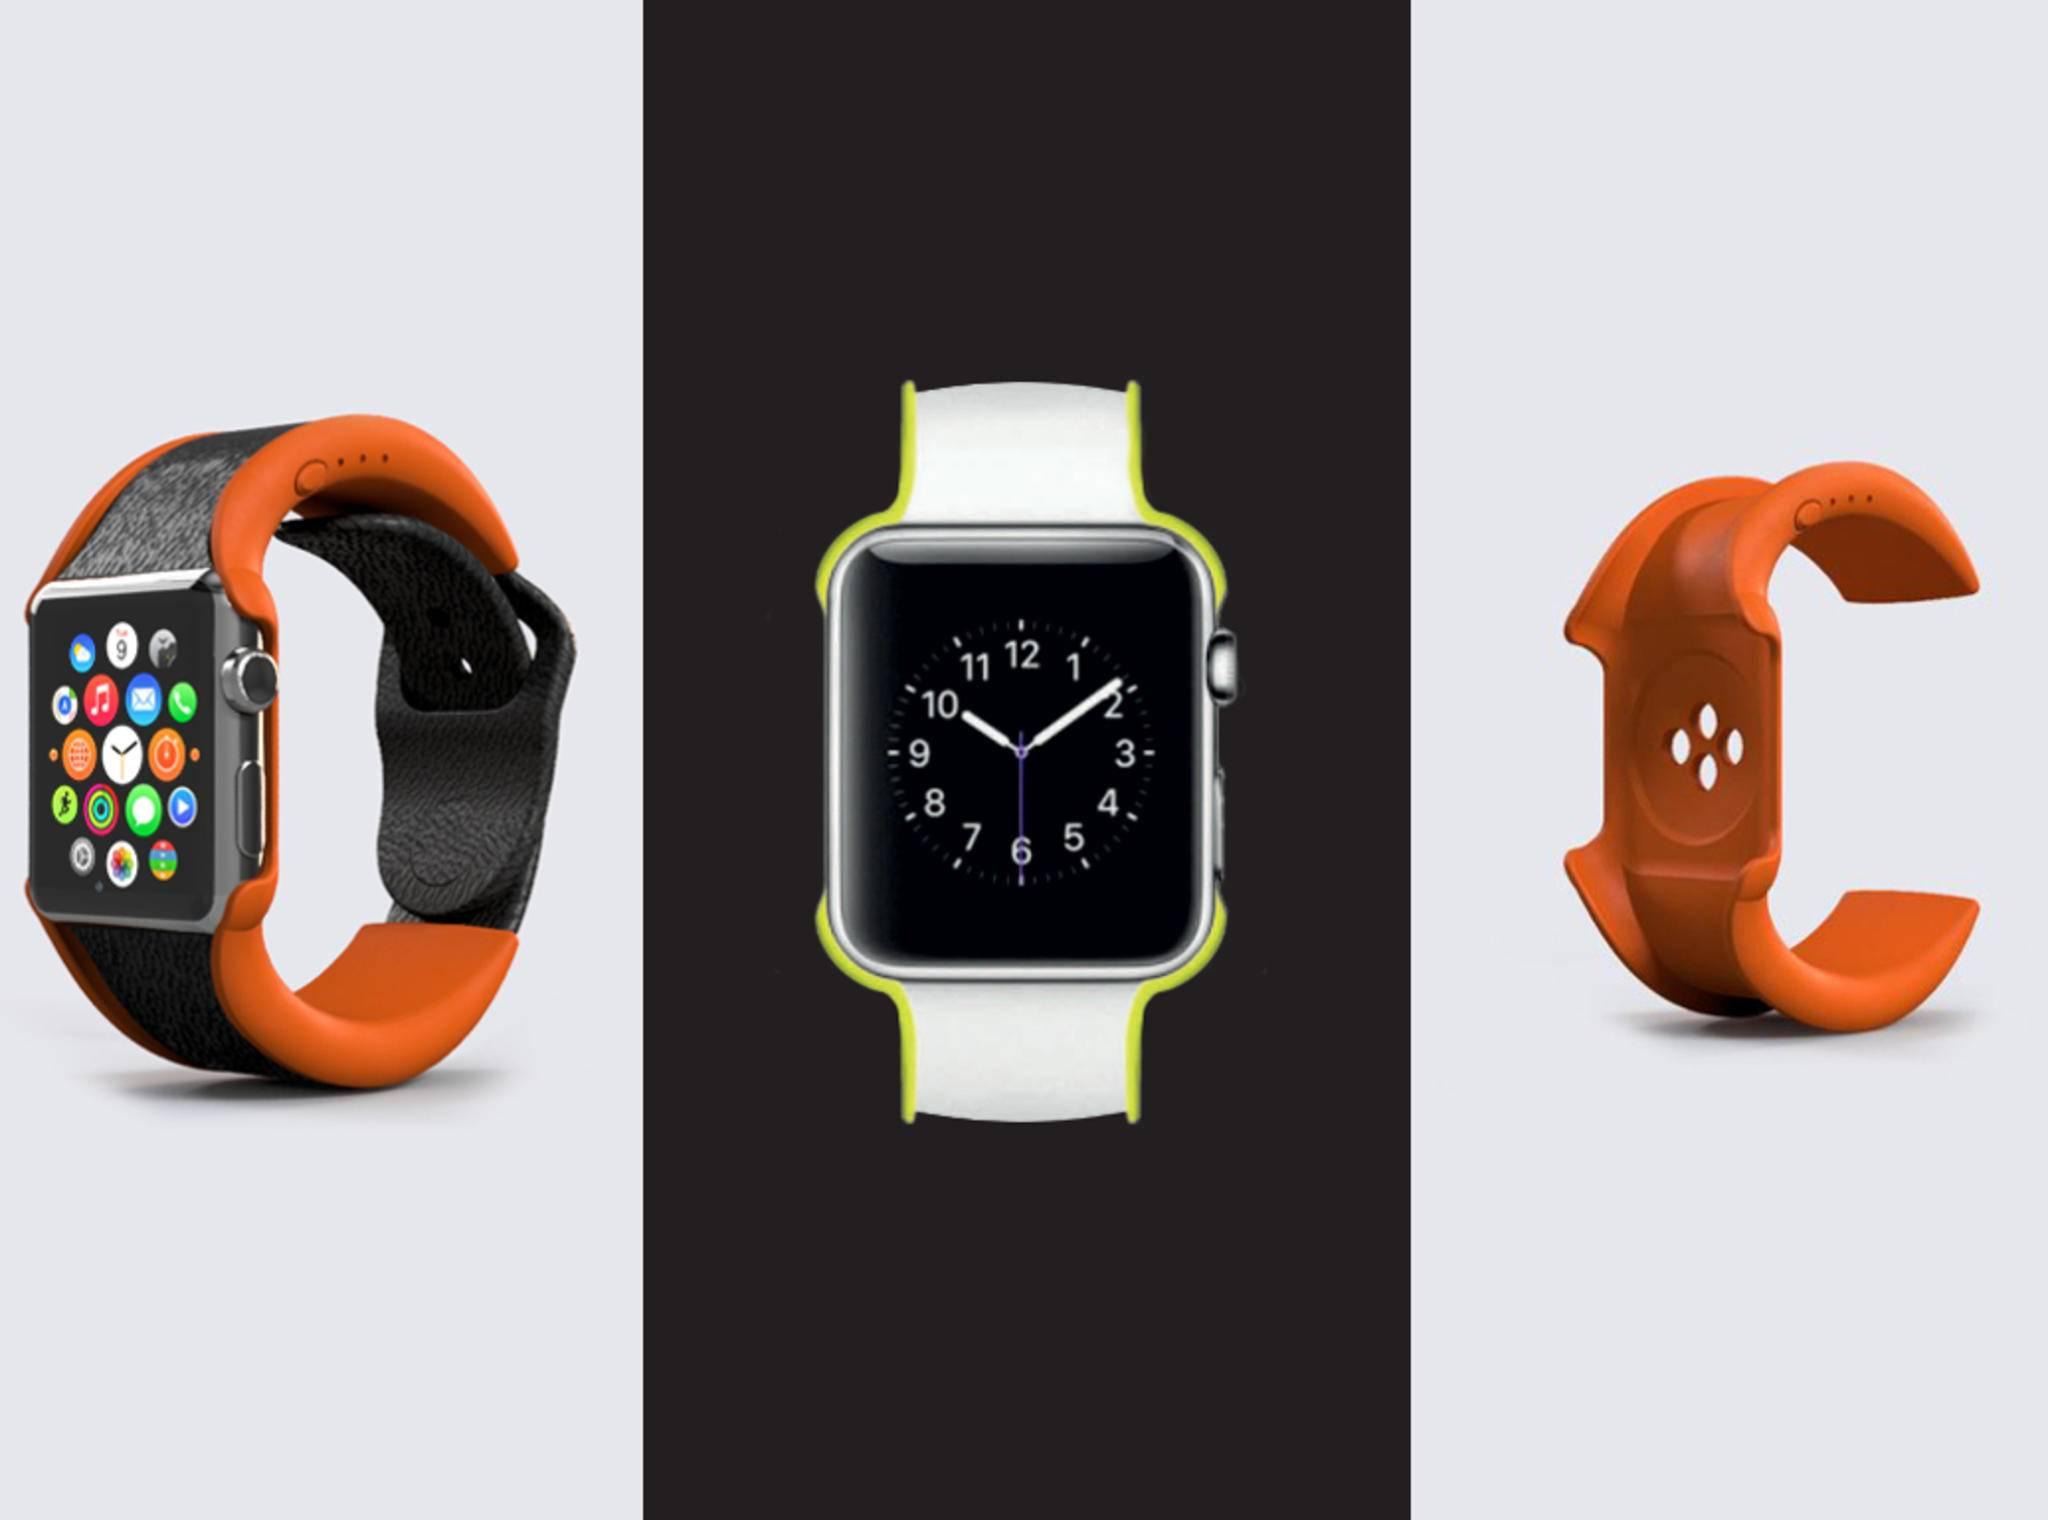 Das Wipowerband soll die Akkulaufzeit der Apple Watch verdoppeln.